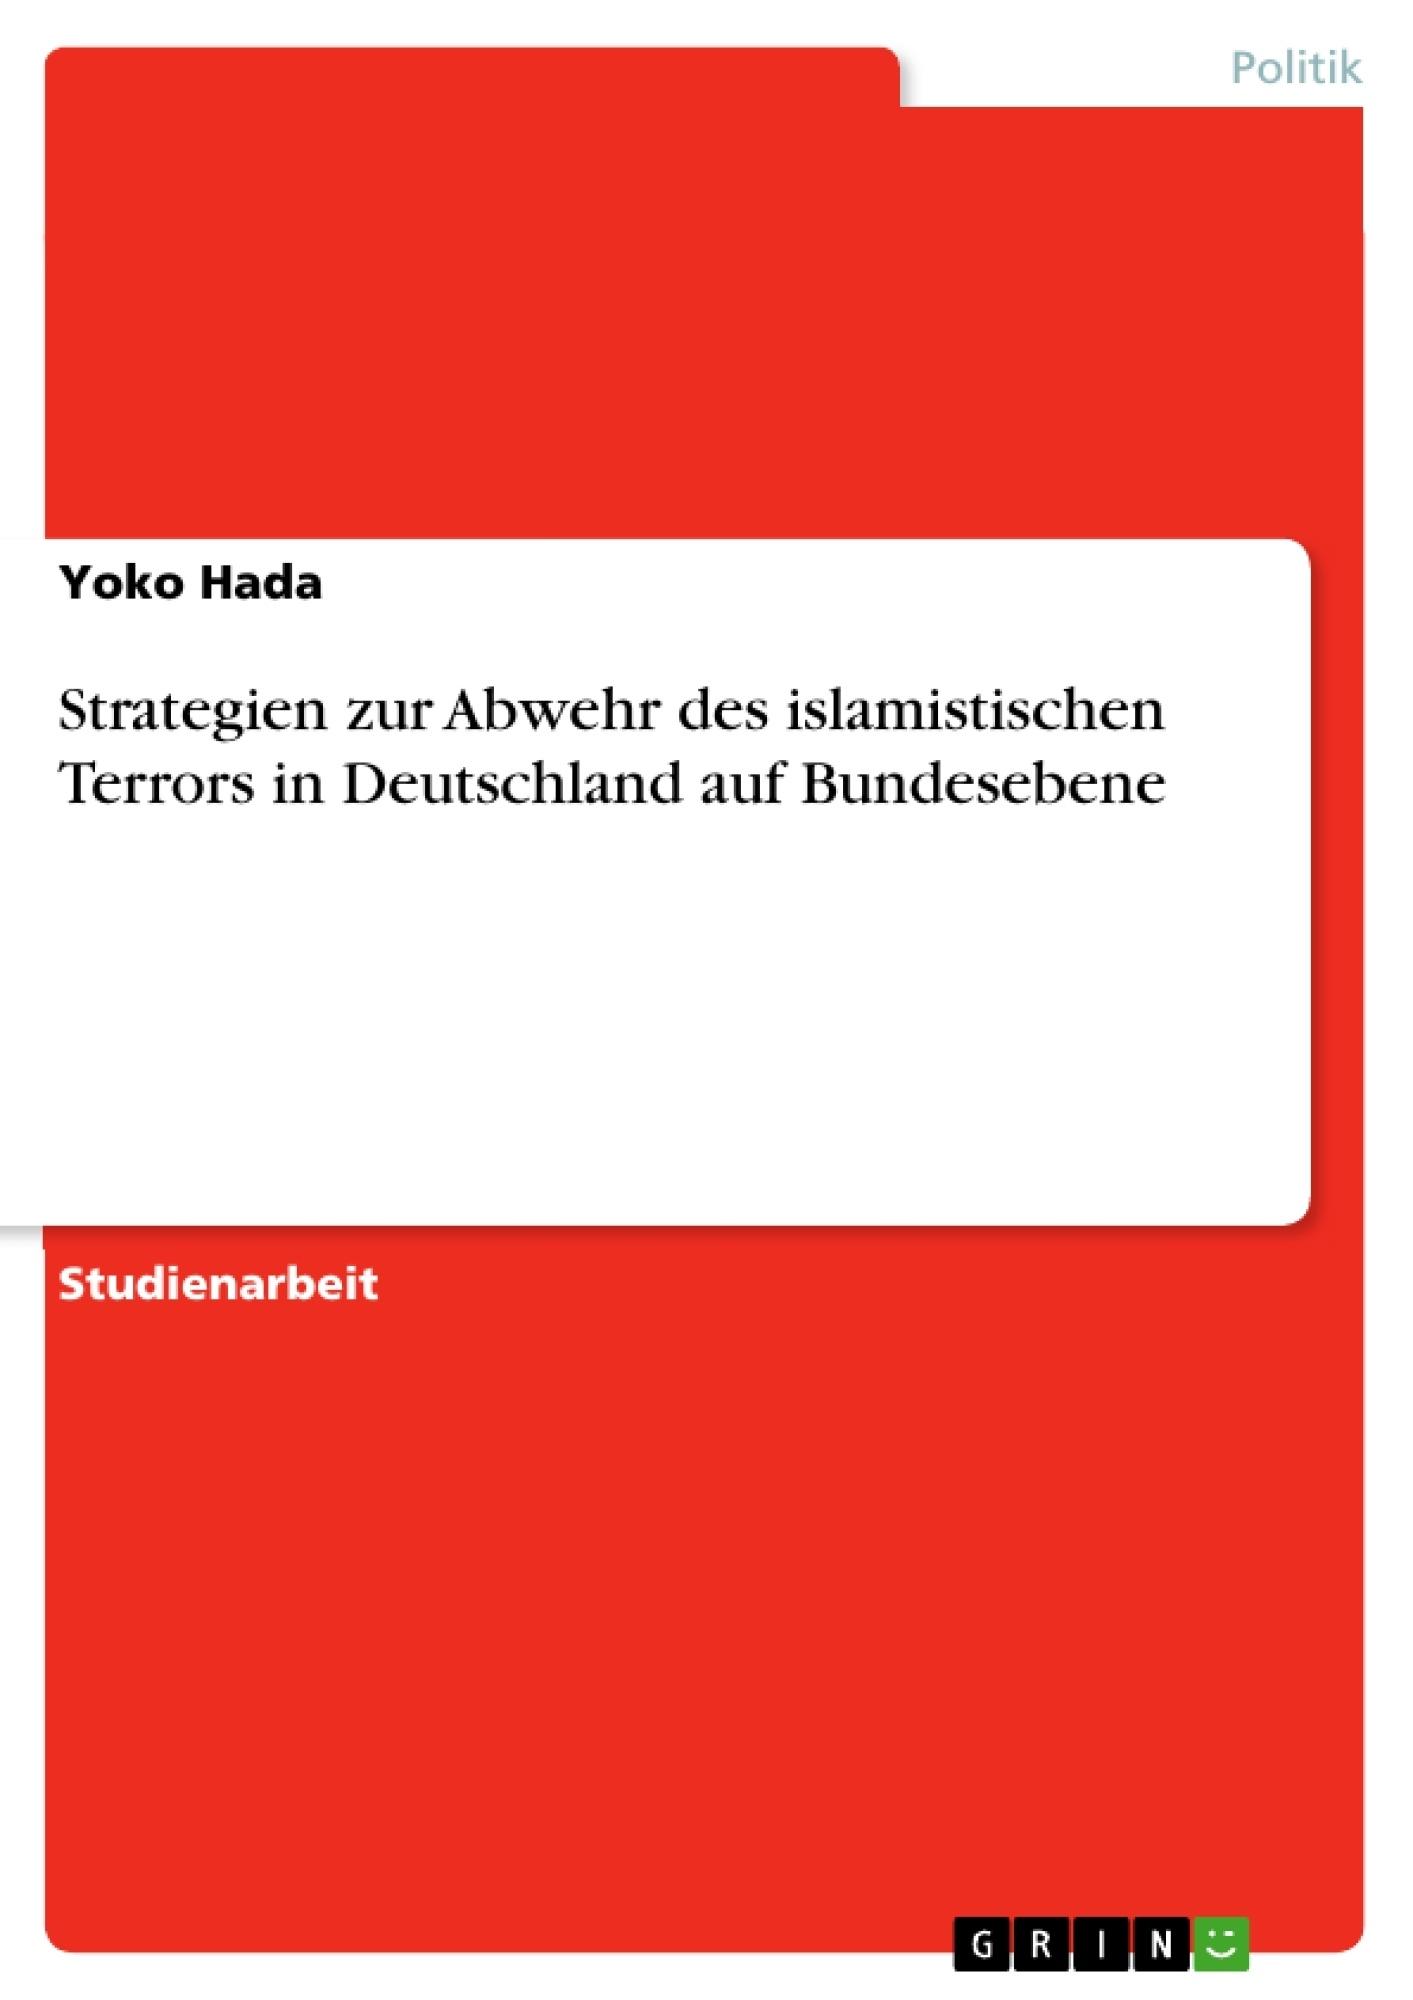 Titel: Strategien zur Abwehr des islamistischen Terrors in Deutschland auf Bundesebene